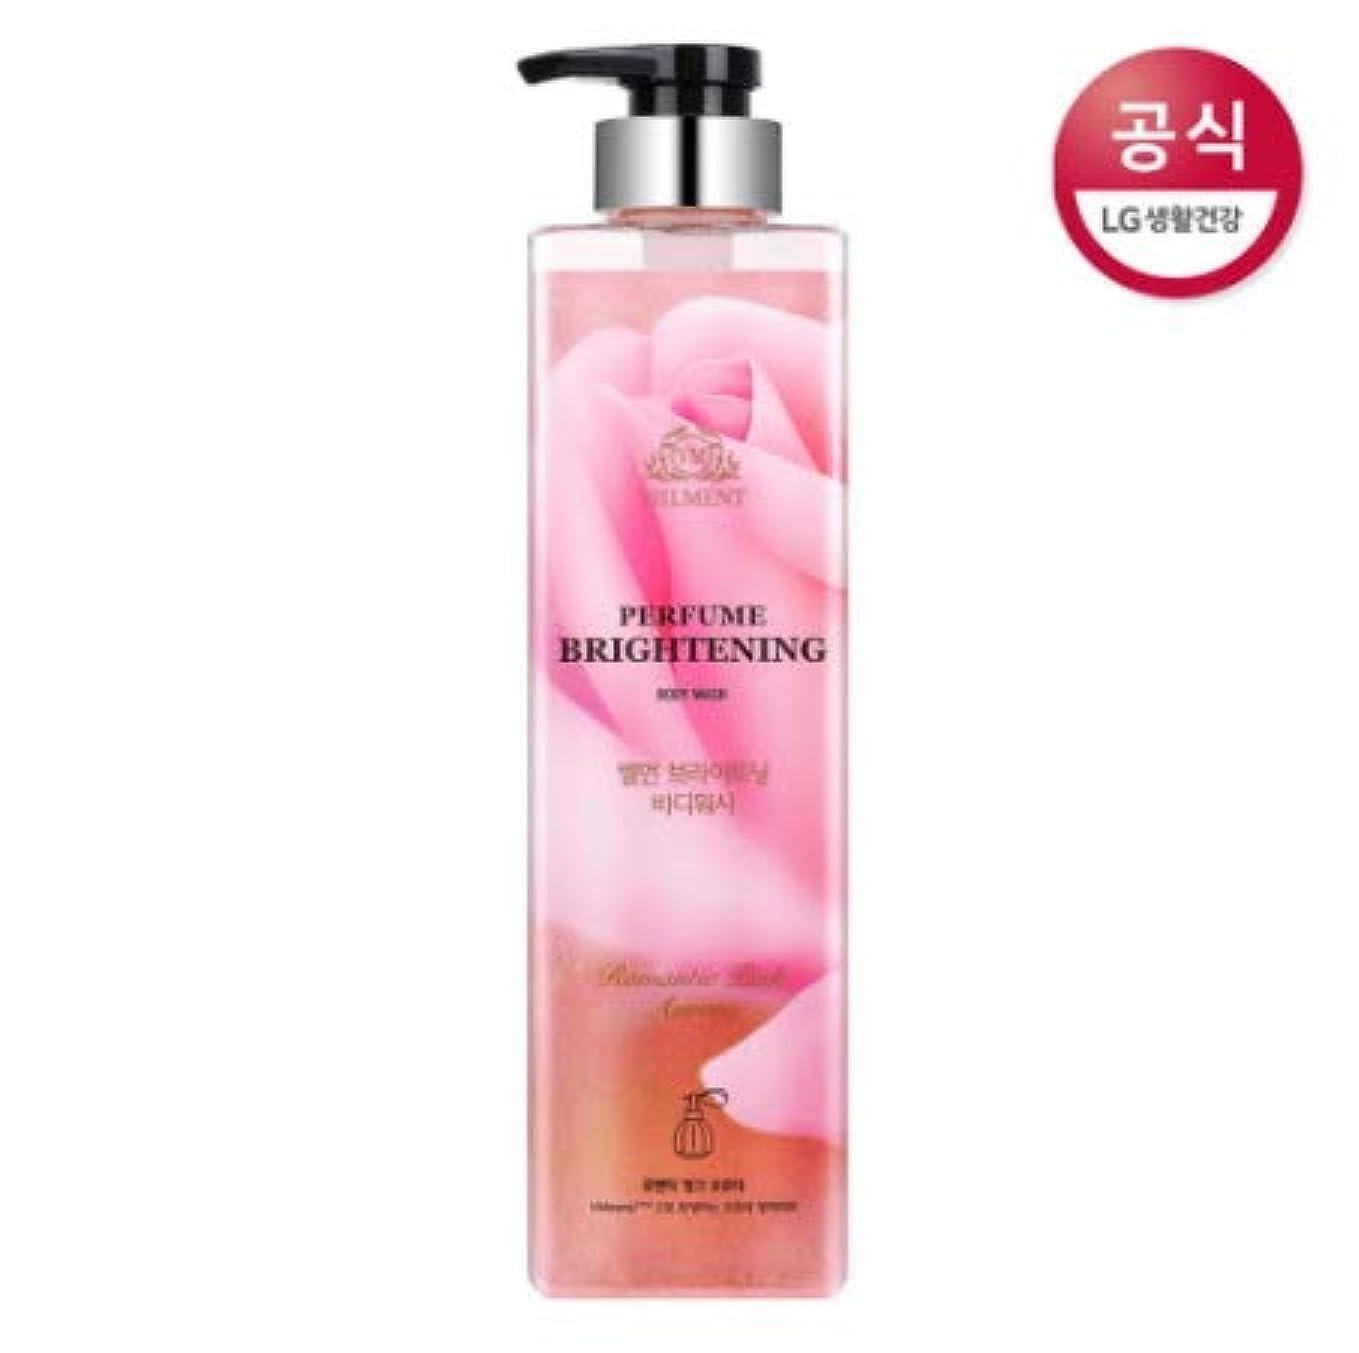 エッセイ典型的な従者[LG HnB] On the Body Belman Perfume Brightening Body Wash / オンザボディベルモンパフュームブライトニングボディウォッシュ680mlx1個(海外直送品)